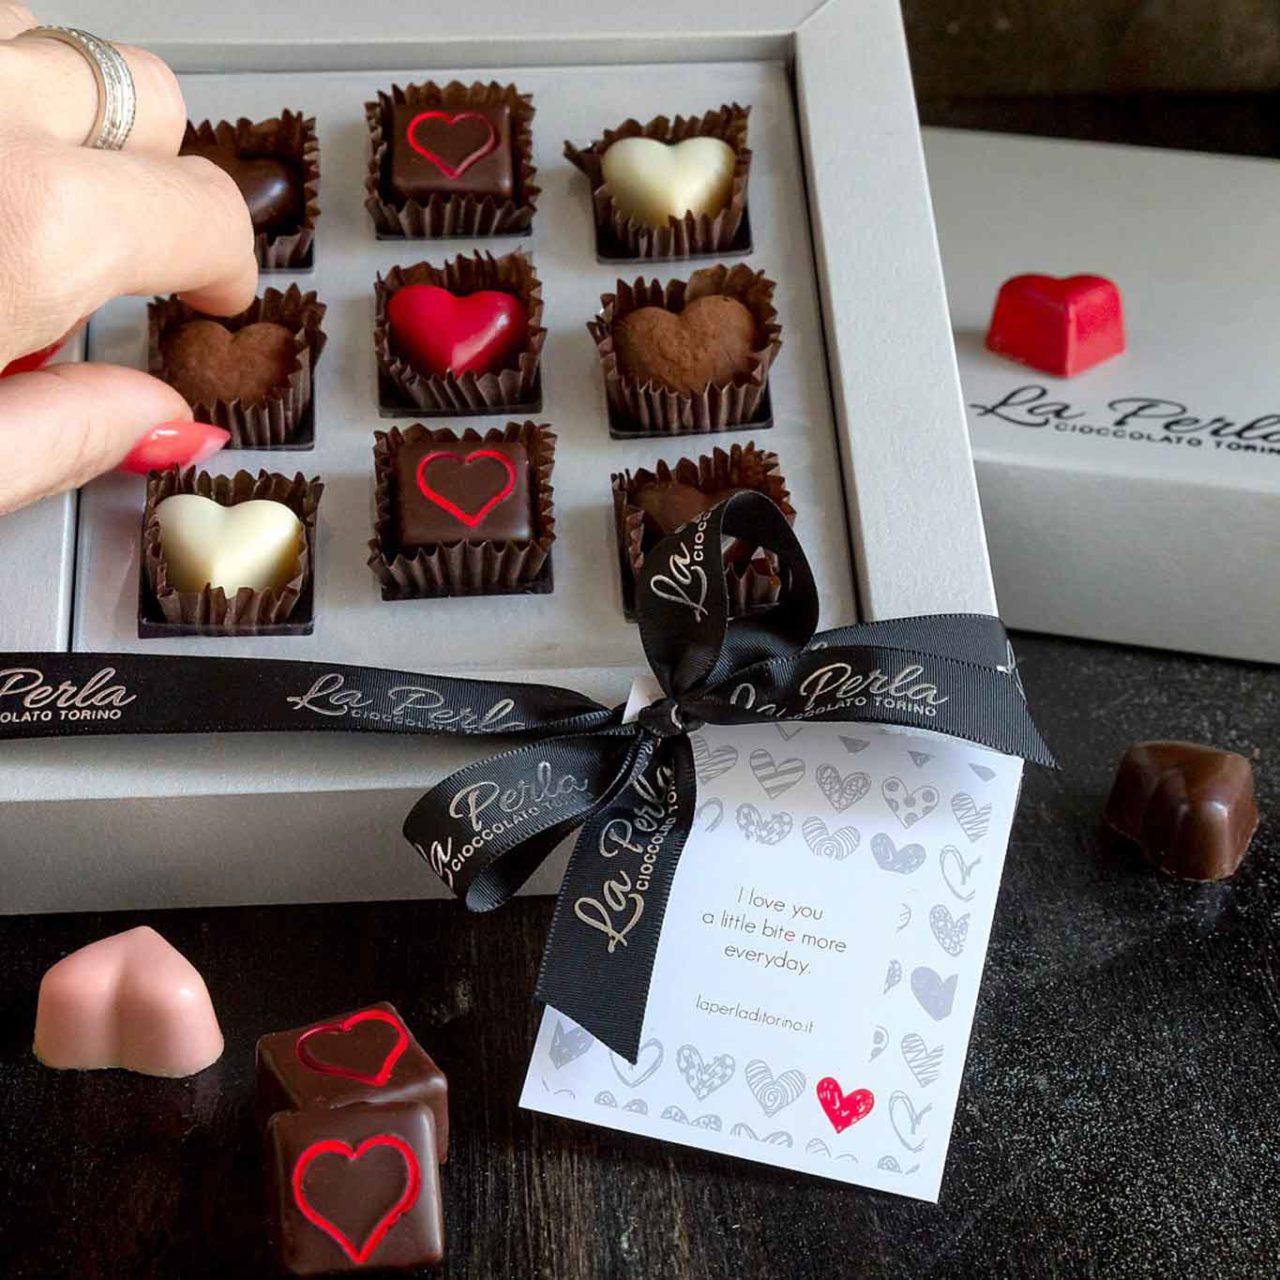 la perla torino cioccolatini